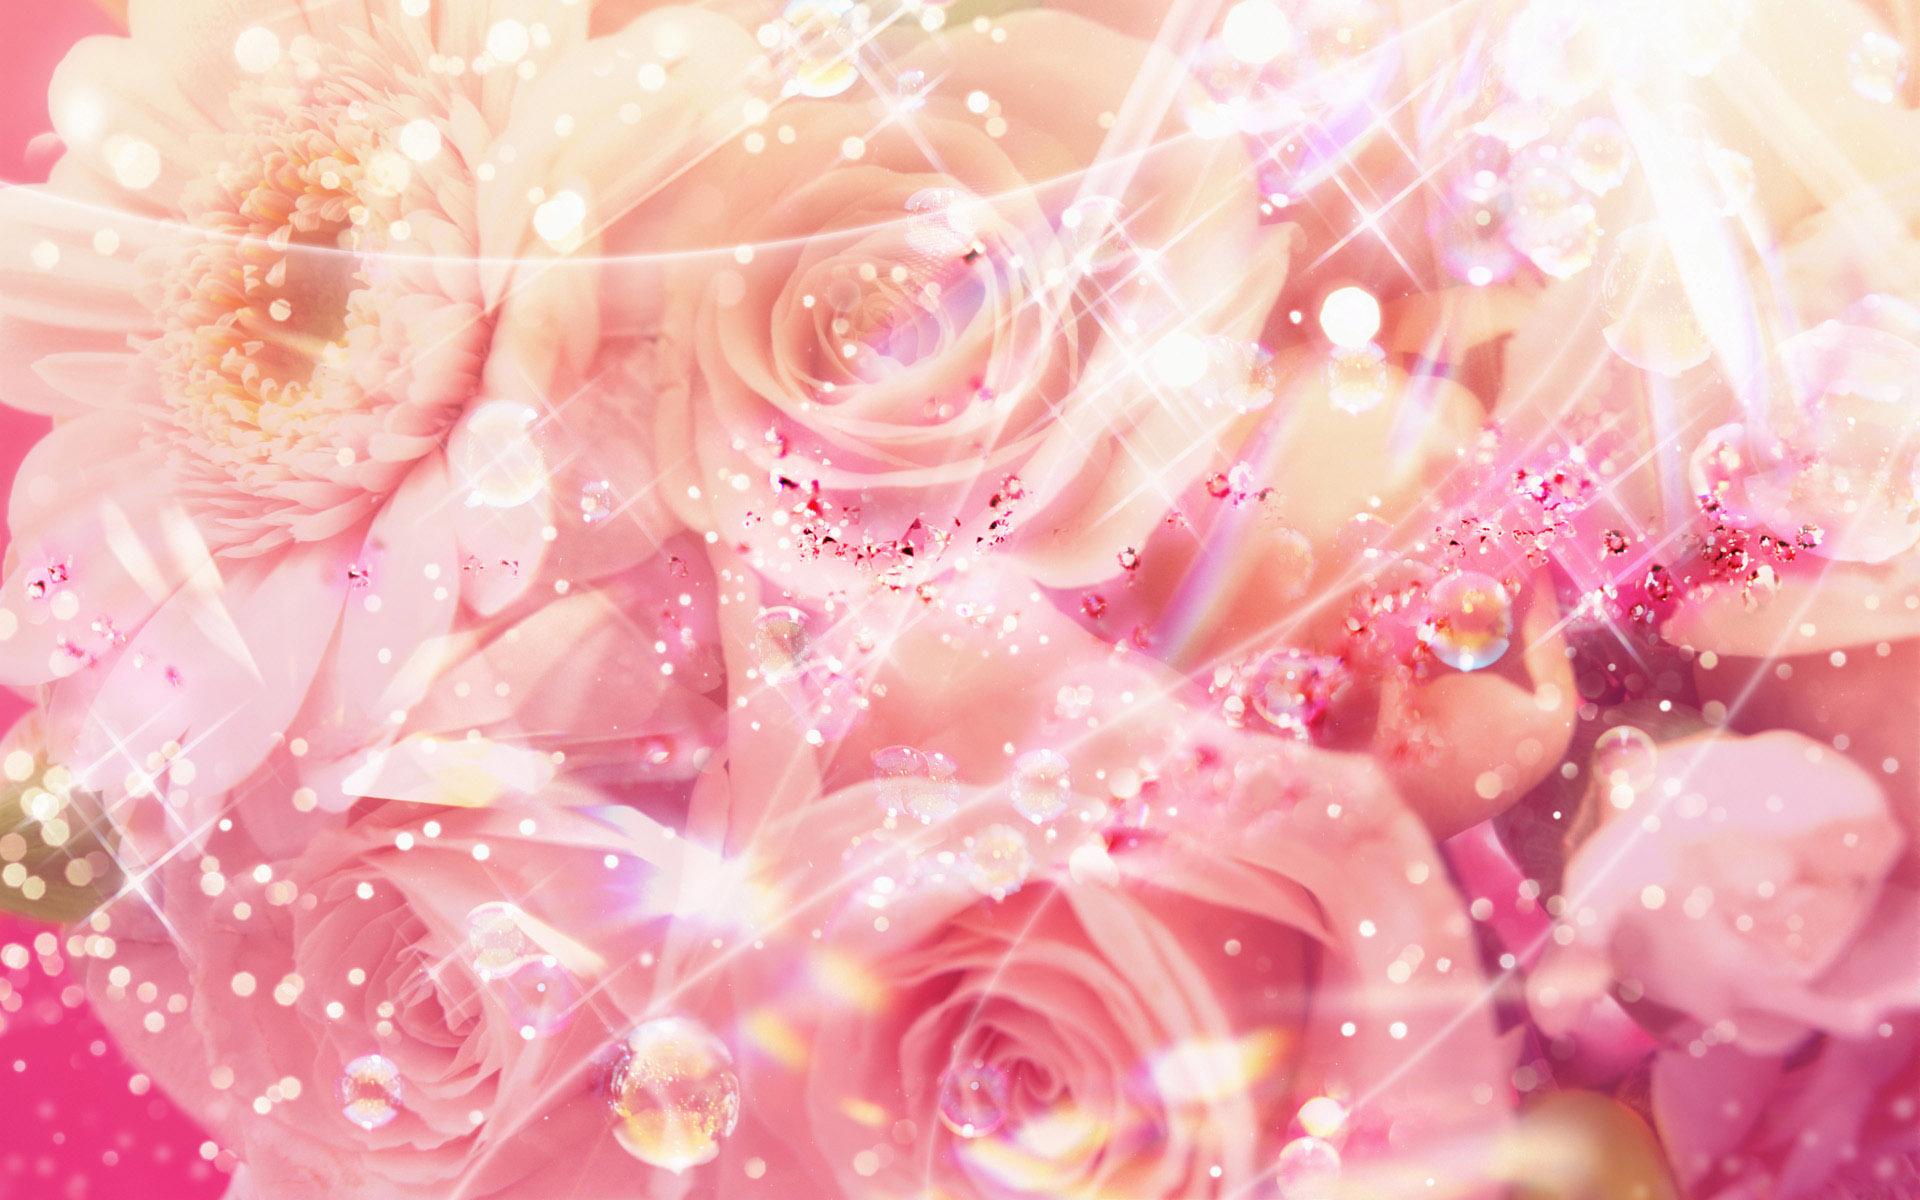 Desktop Flower Wallpaper HD Wallpaper D Desktop Backgrounds 1920x1200